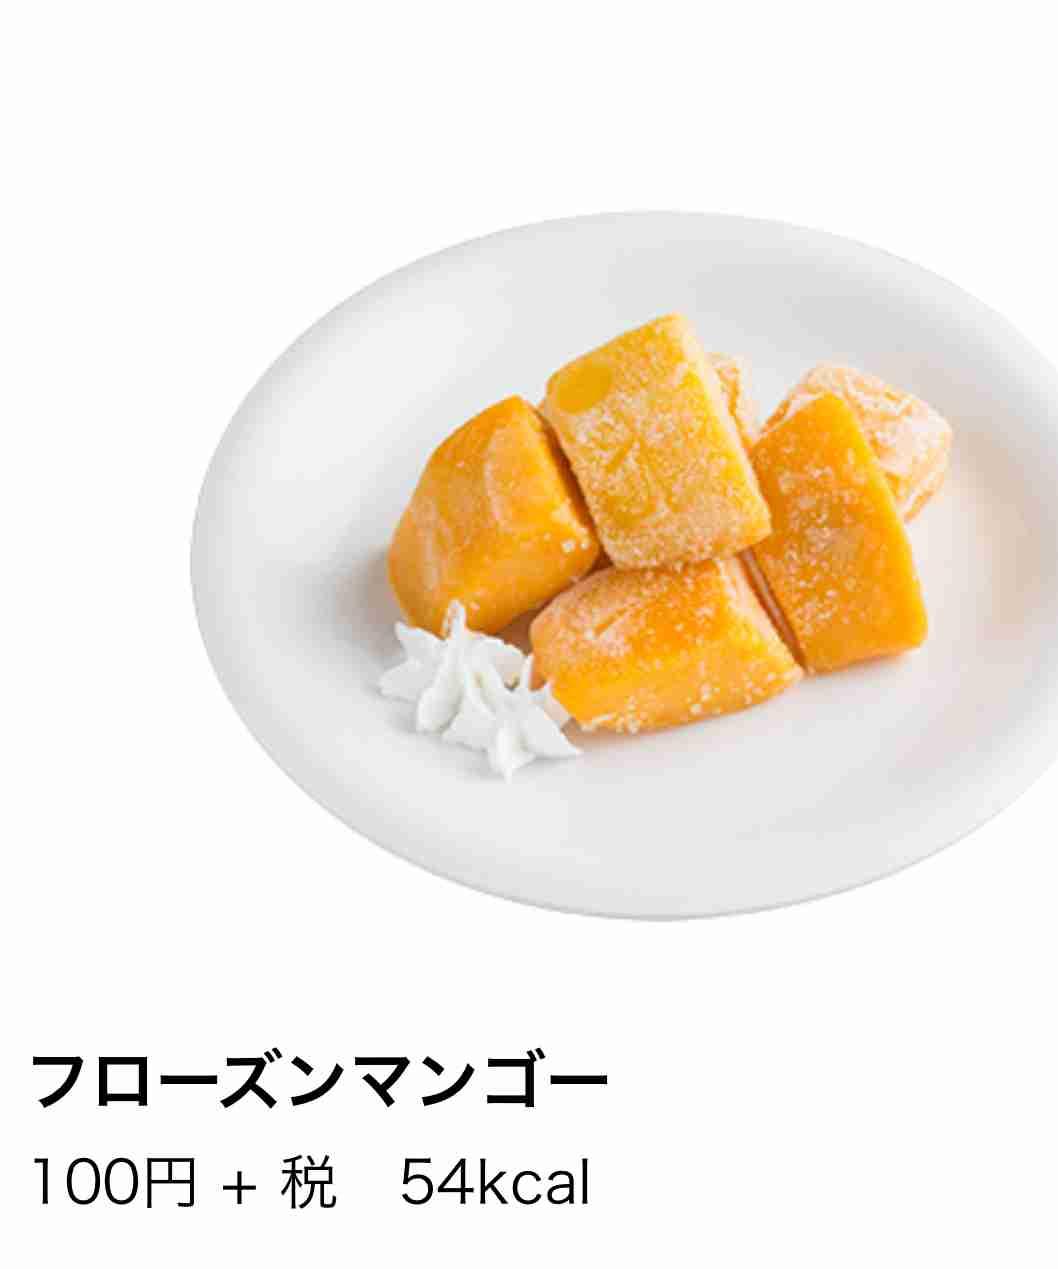 【食べ物】クリーム好きよ、集え